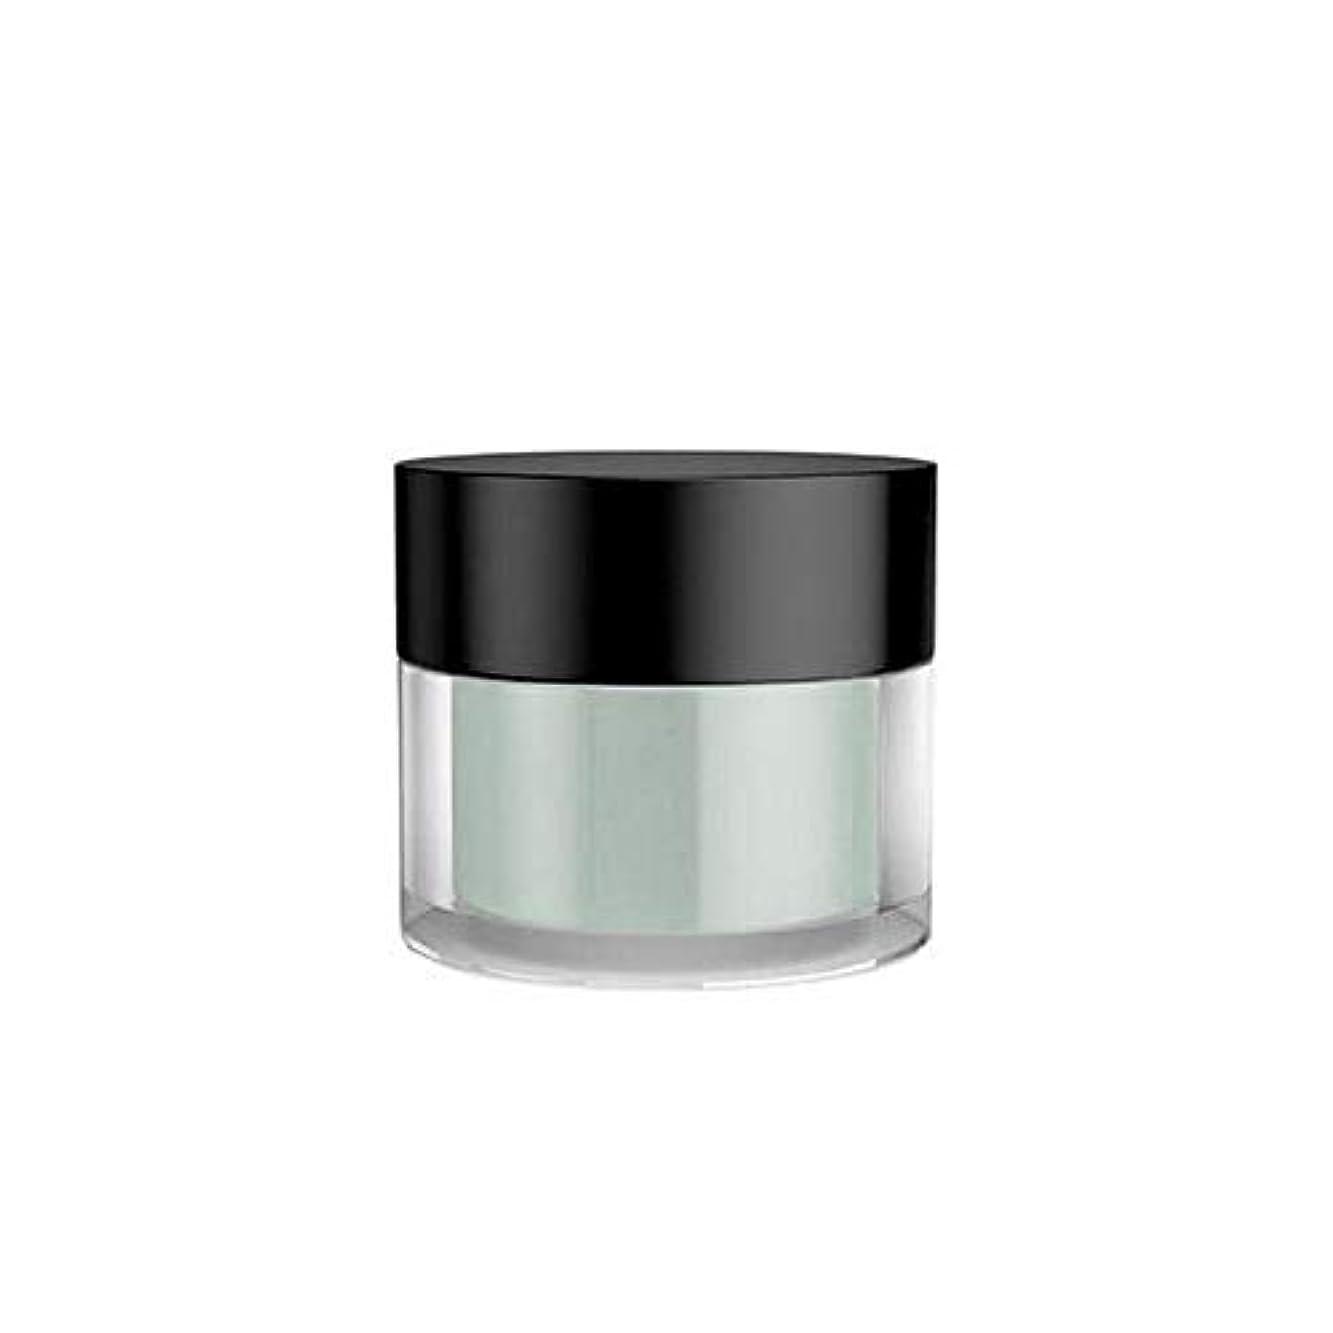 シマウマレタッチ発見[GOSH ] おやっ効果粉末クロムグリーン006 - Gosh Effect Powder Chrome Green 006 [並行輸入品]